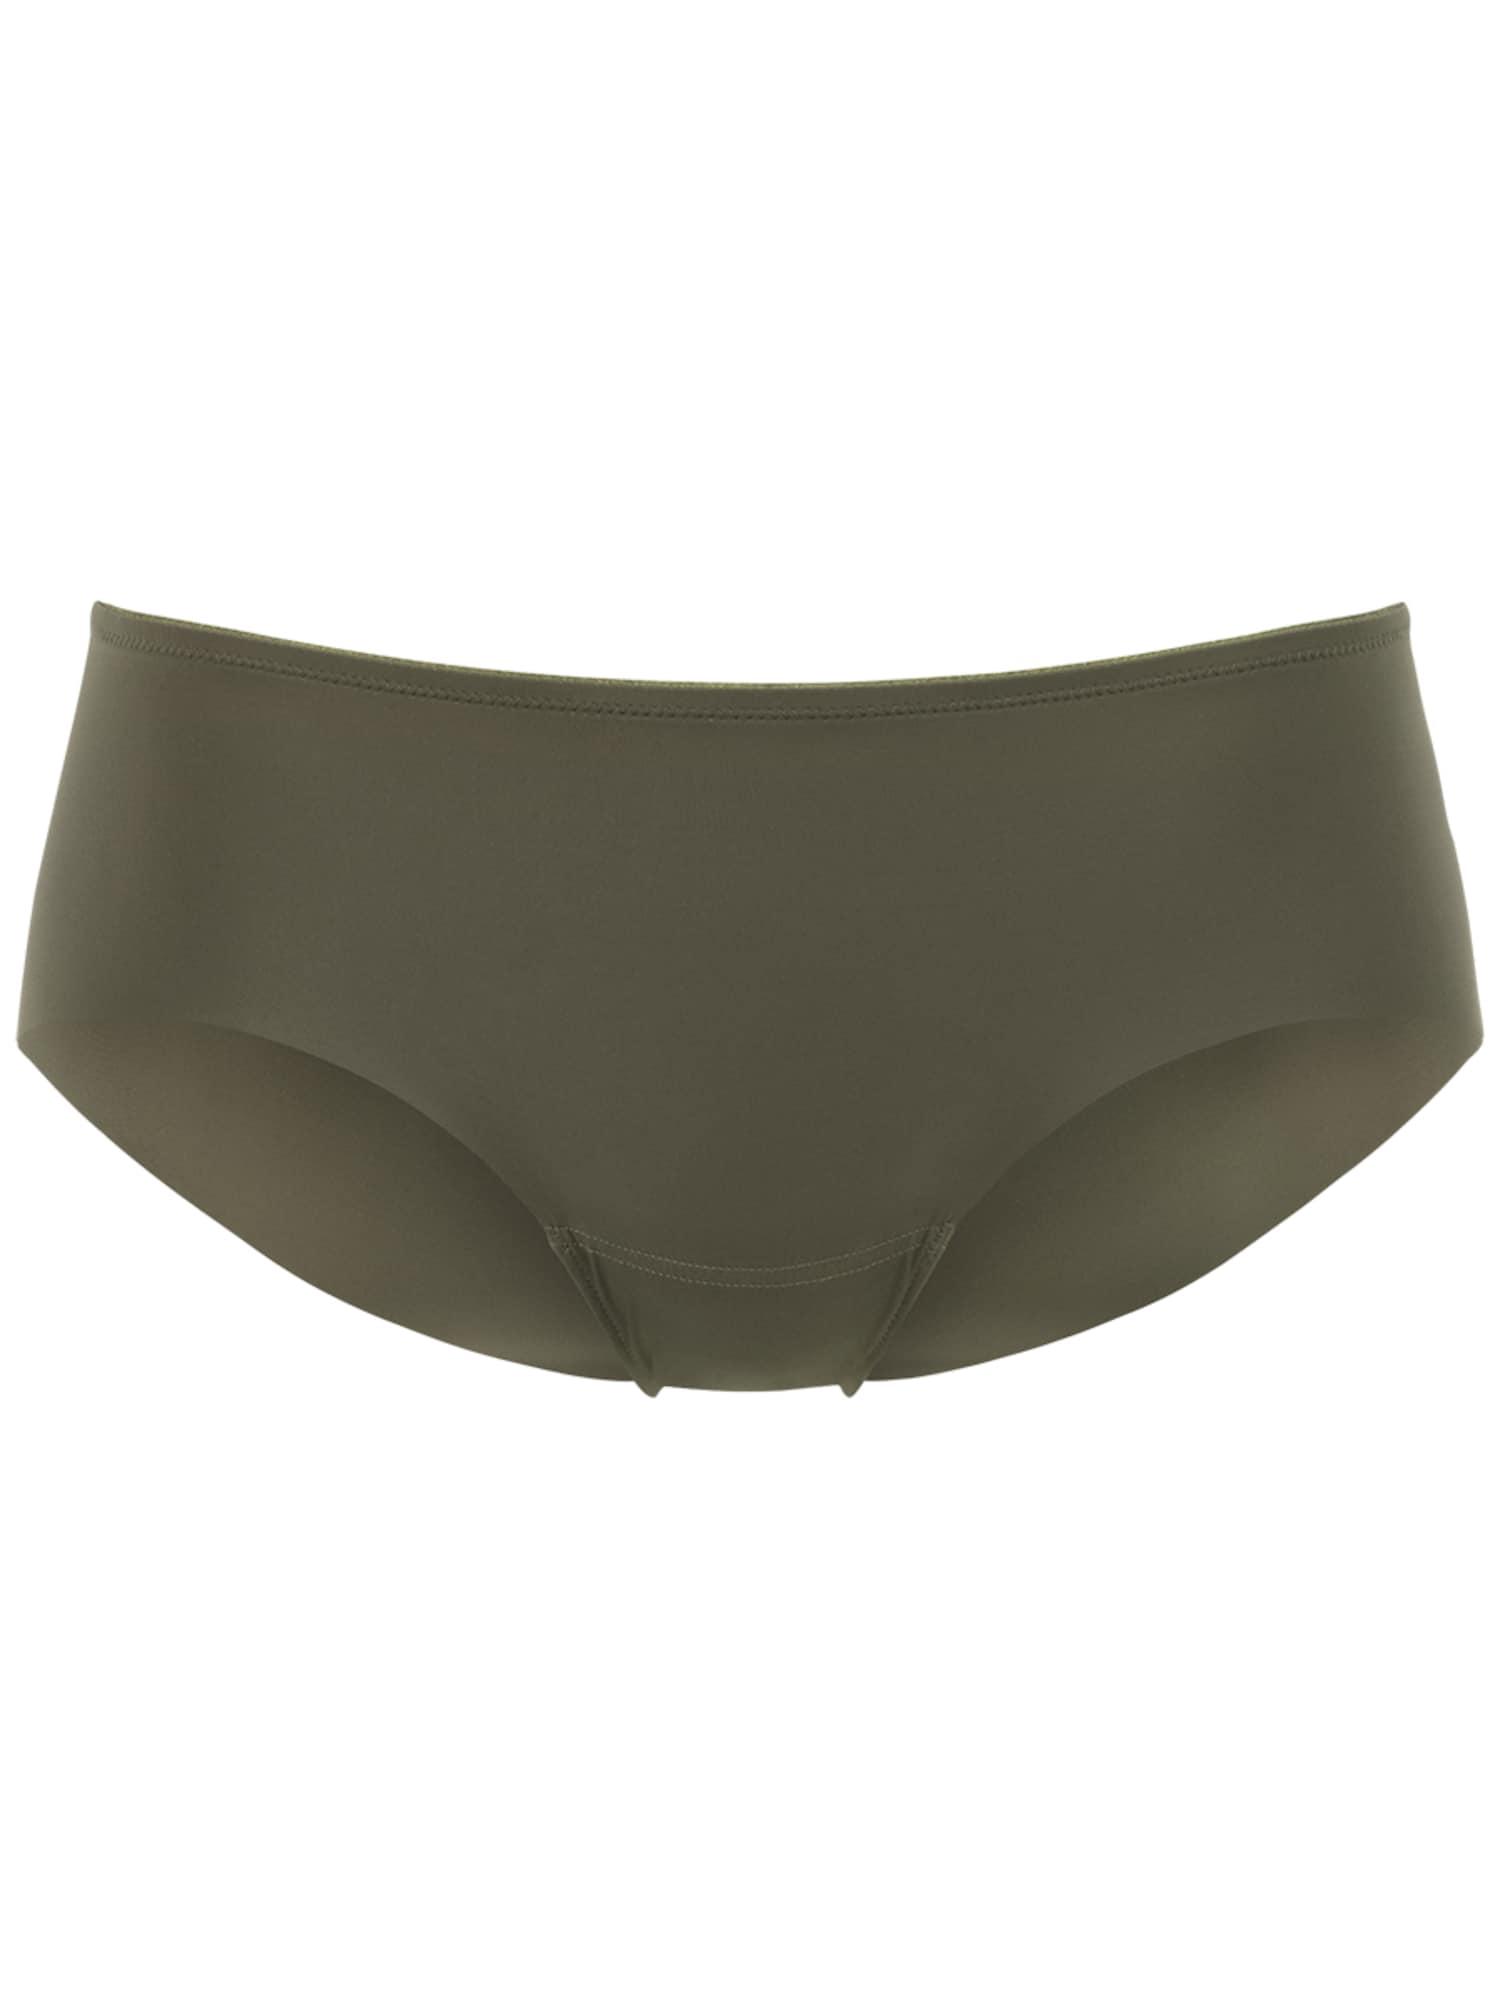 PALMERS Kelnaitės paaukštintu liemeniu 'Contour Panty Regular' rusvai žalia